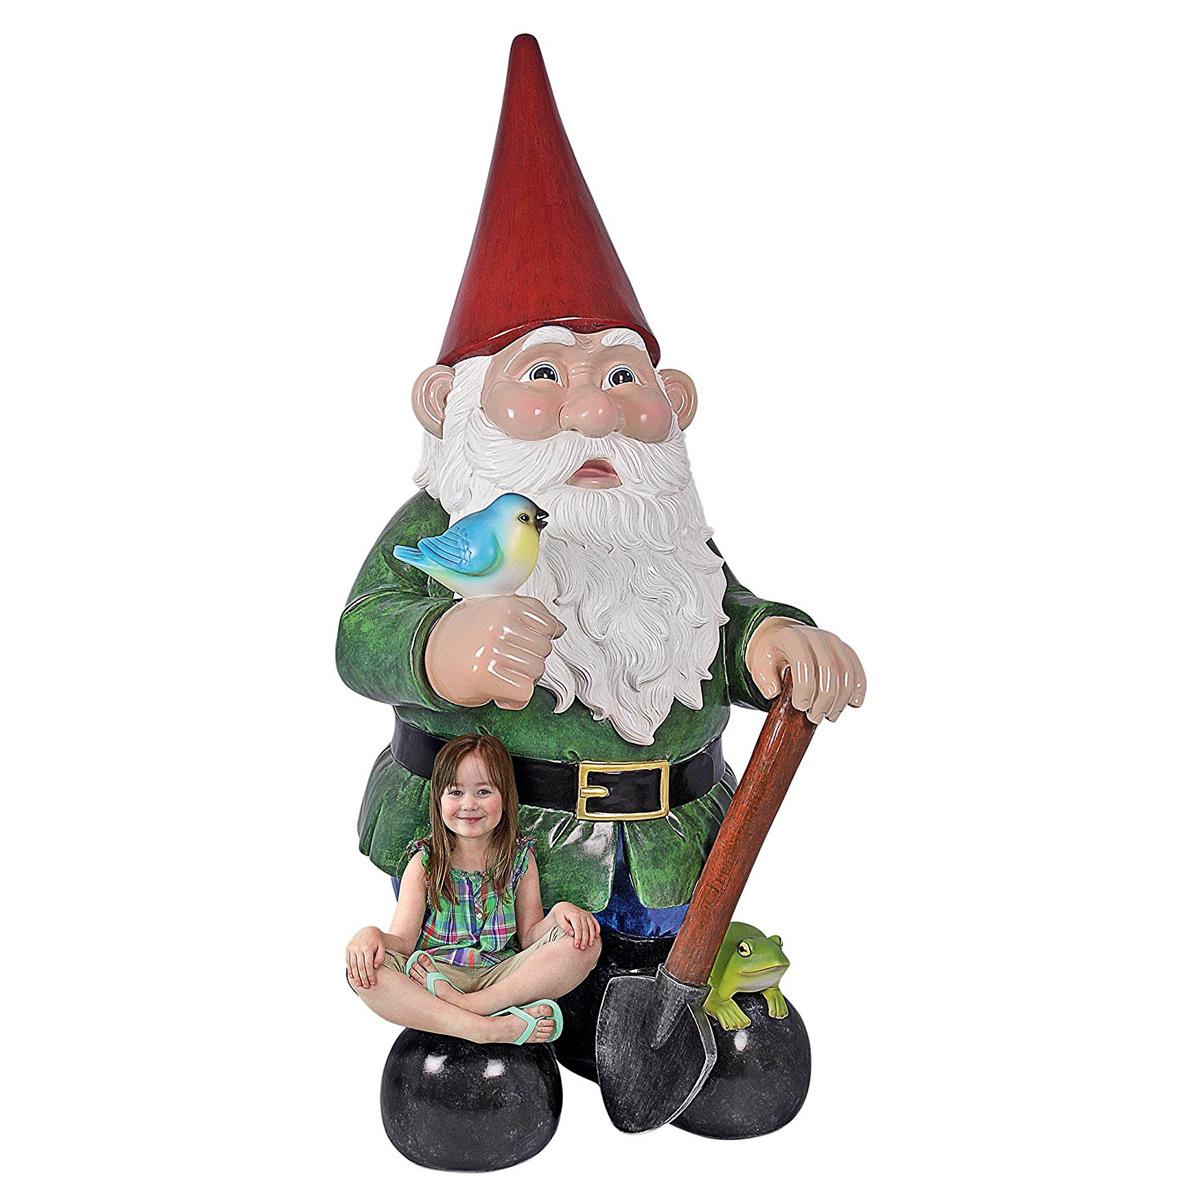 Massive 8.5 Feet Tall Garden Gnome Statue